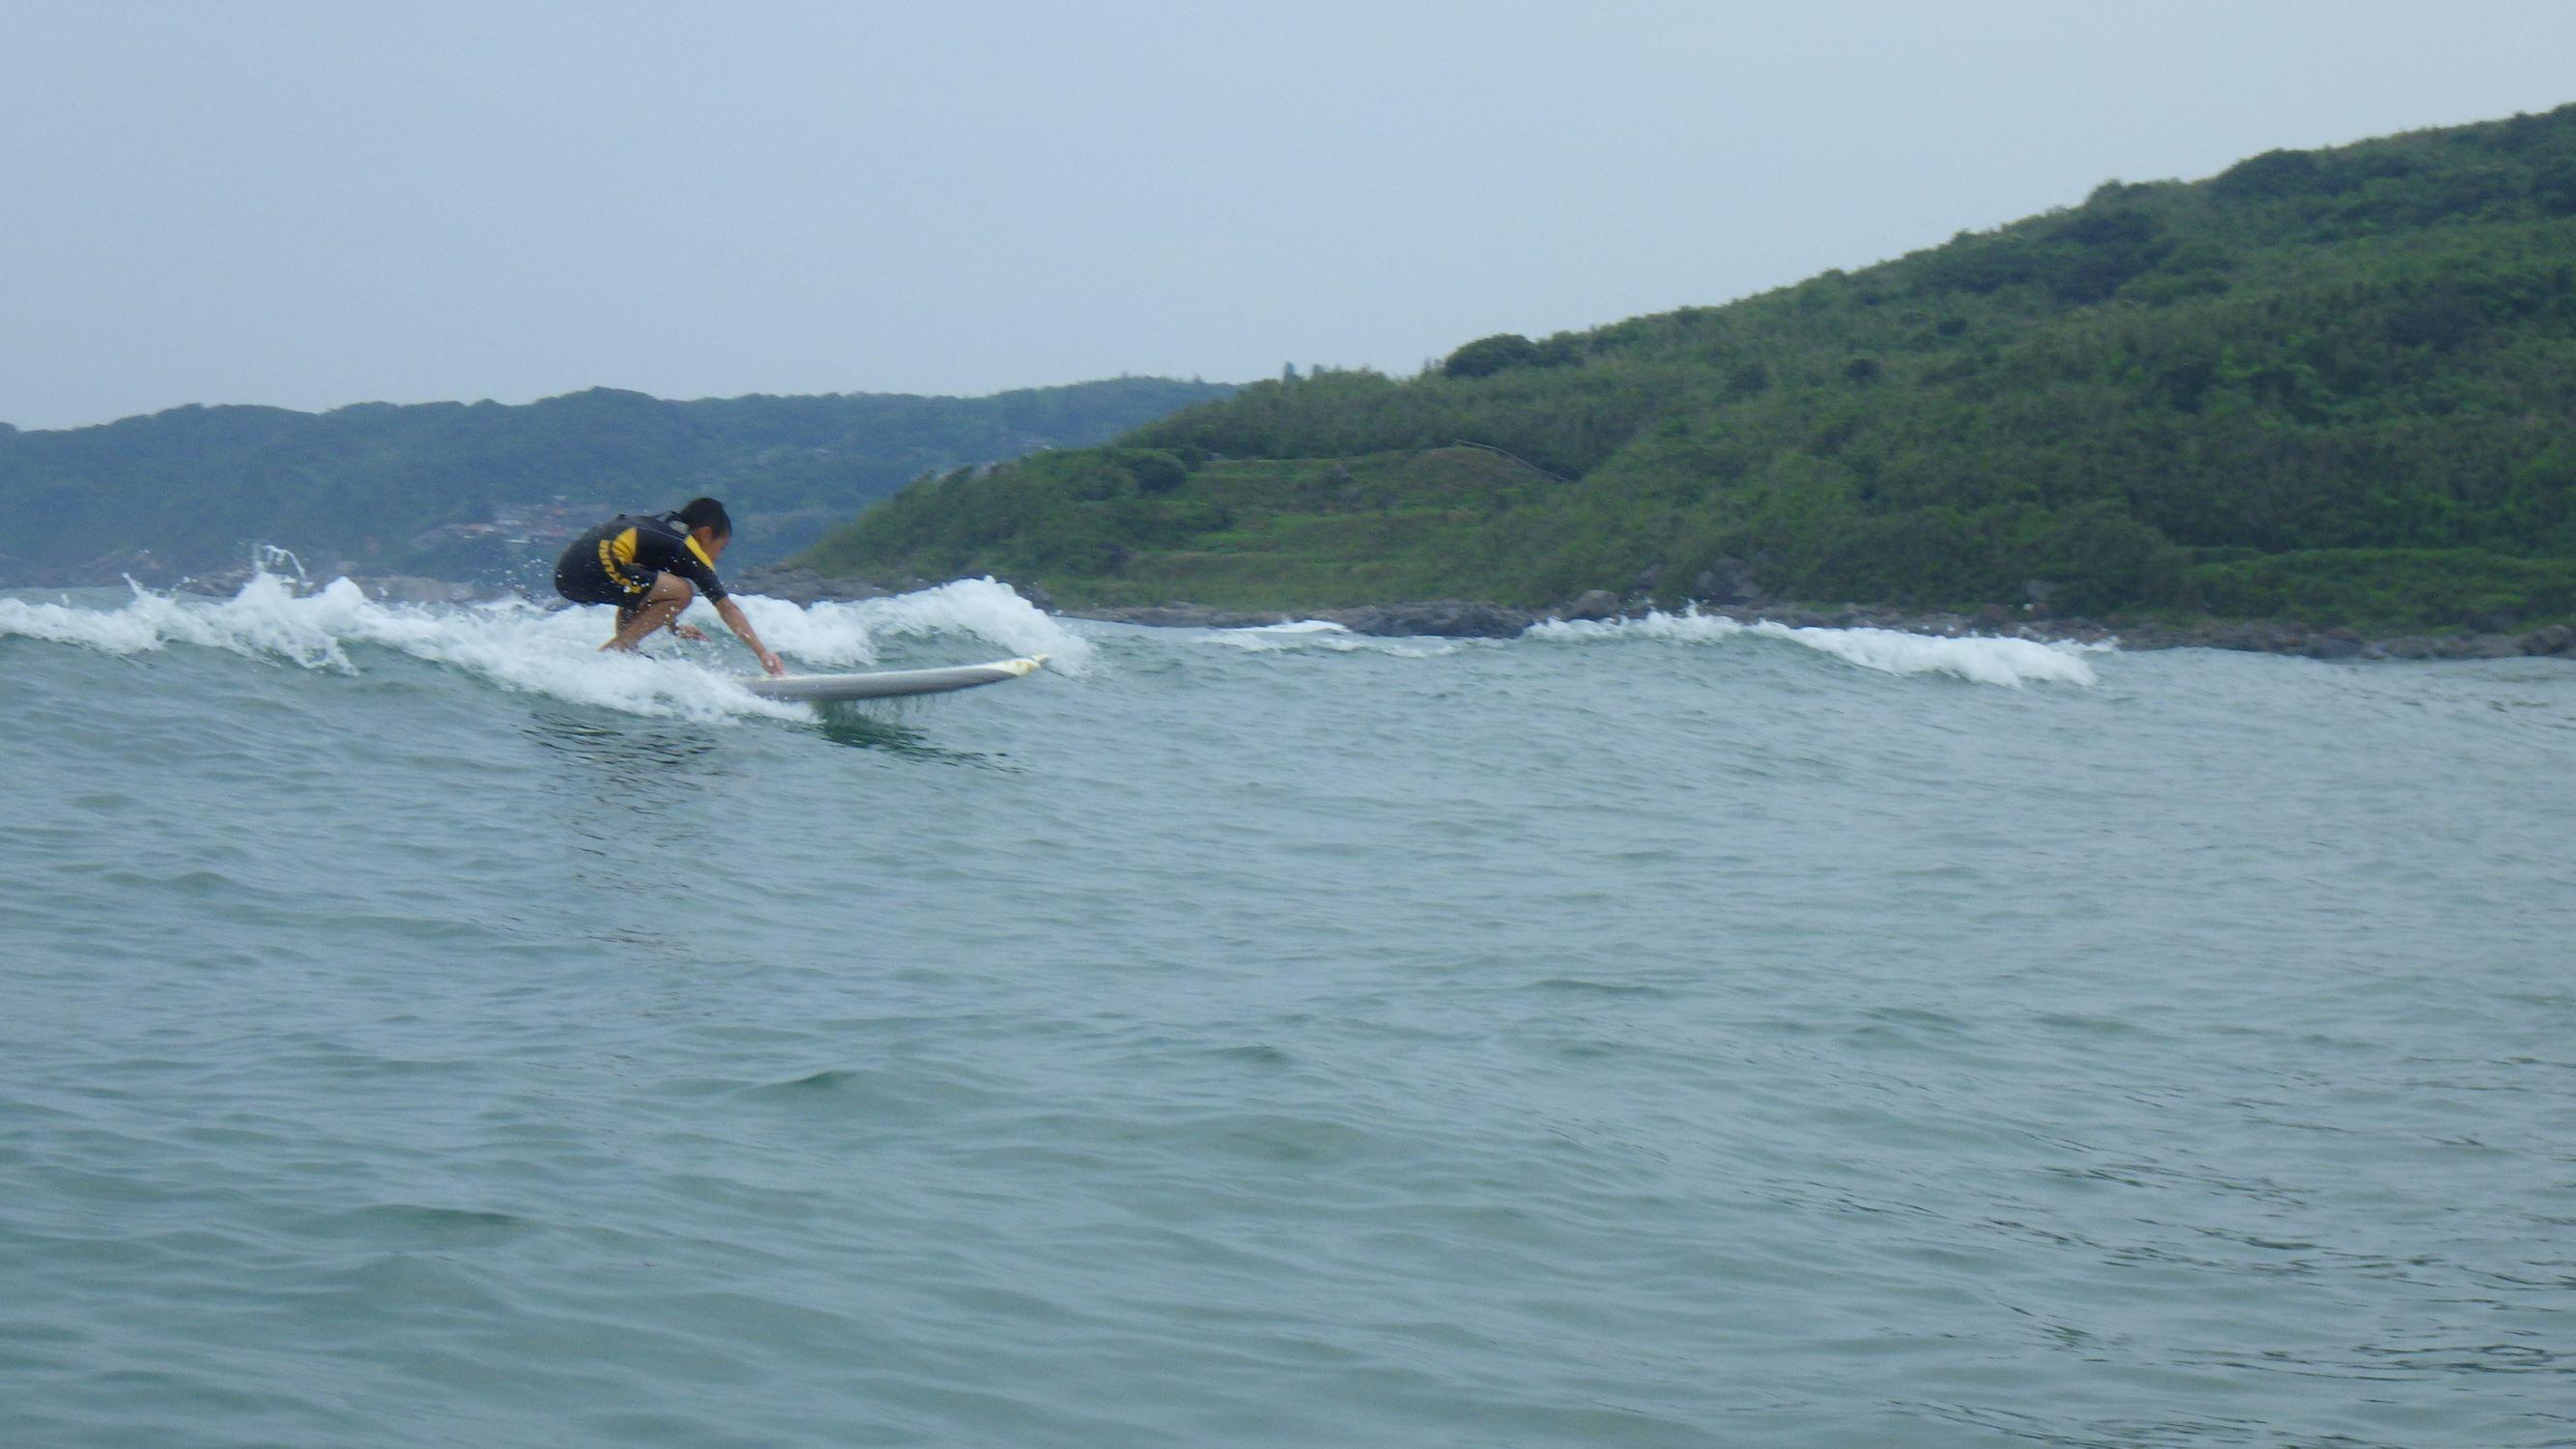 お母さんと一緒にサーフィンを楽しもう_f0009169_07413110.jpg